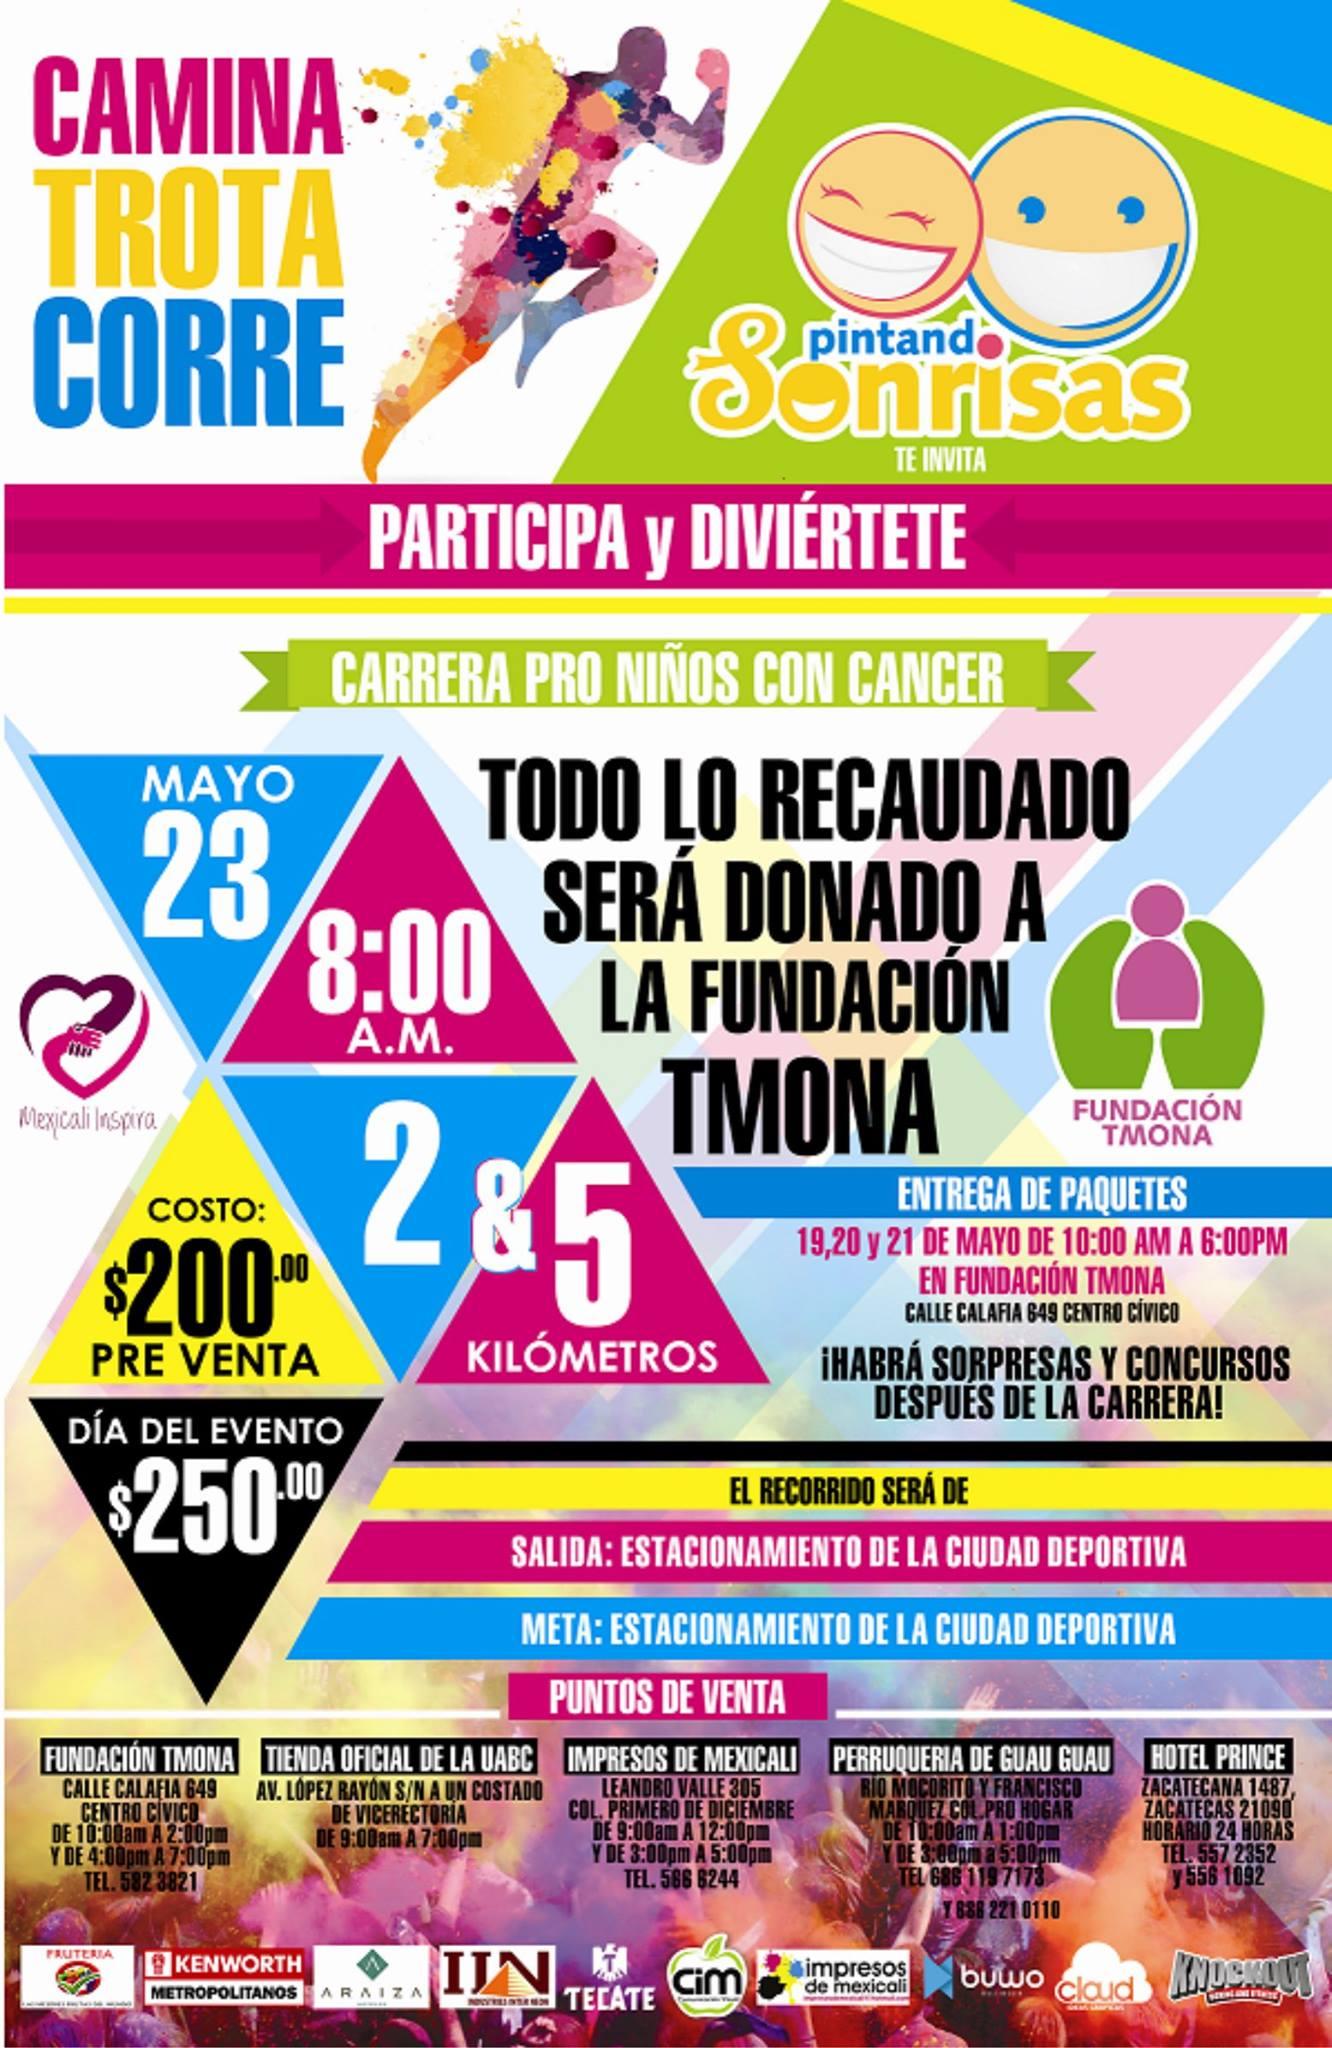 CARRERA PRO NIÑOS CON CÁNCER (PINTANDO SONRISAS) 5 y 2 Km. (23/05 ...